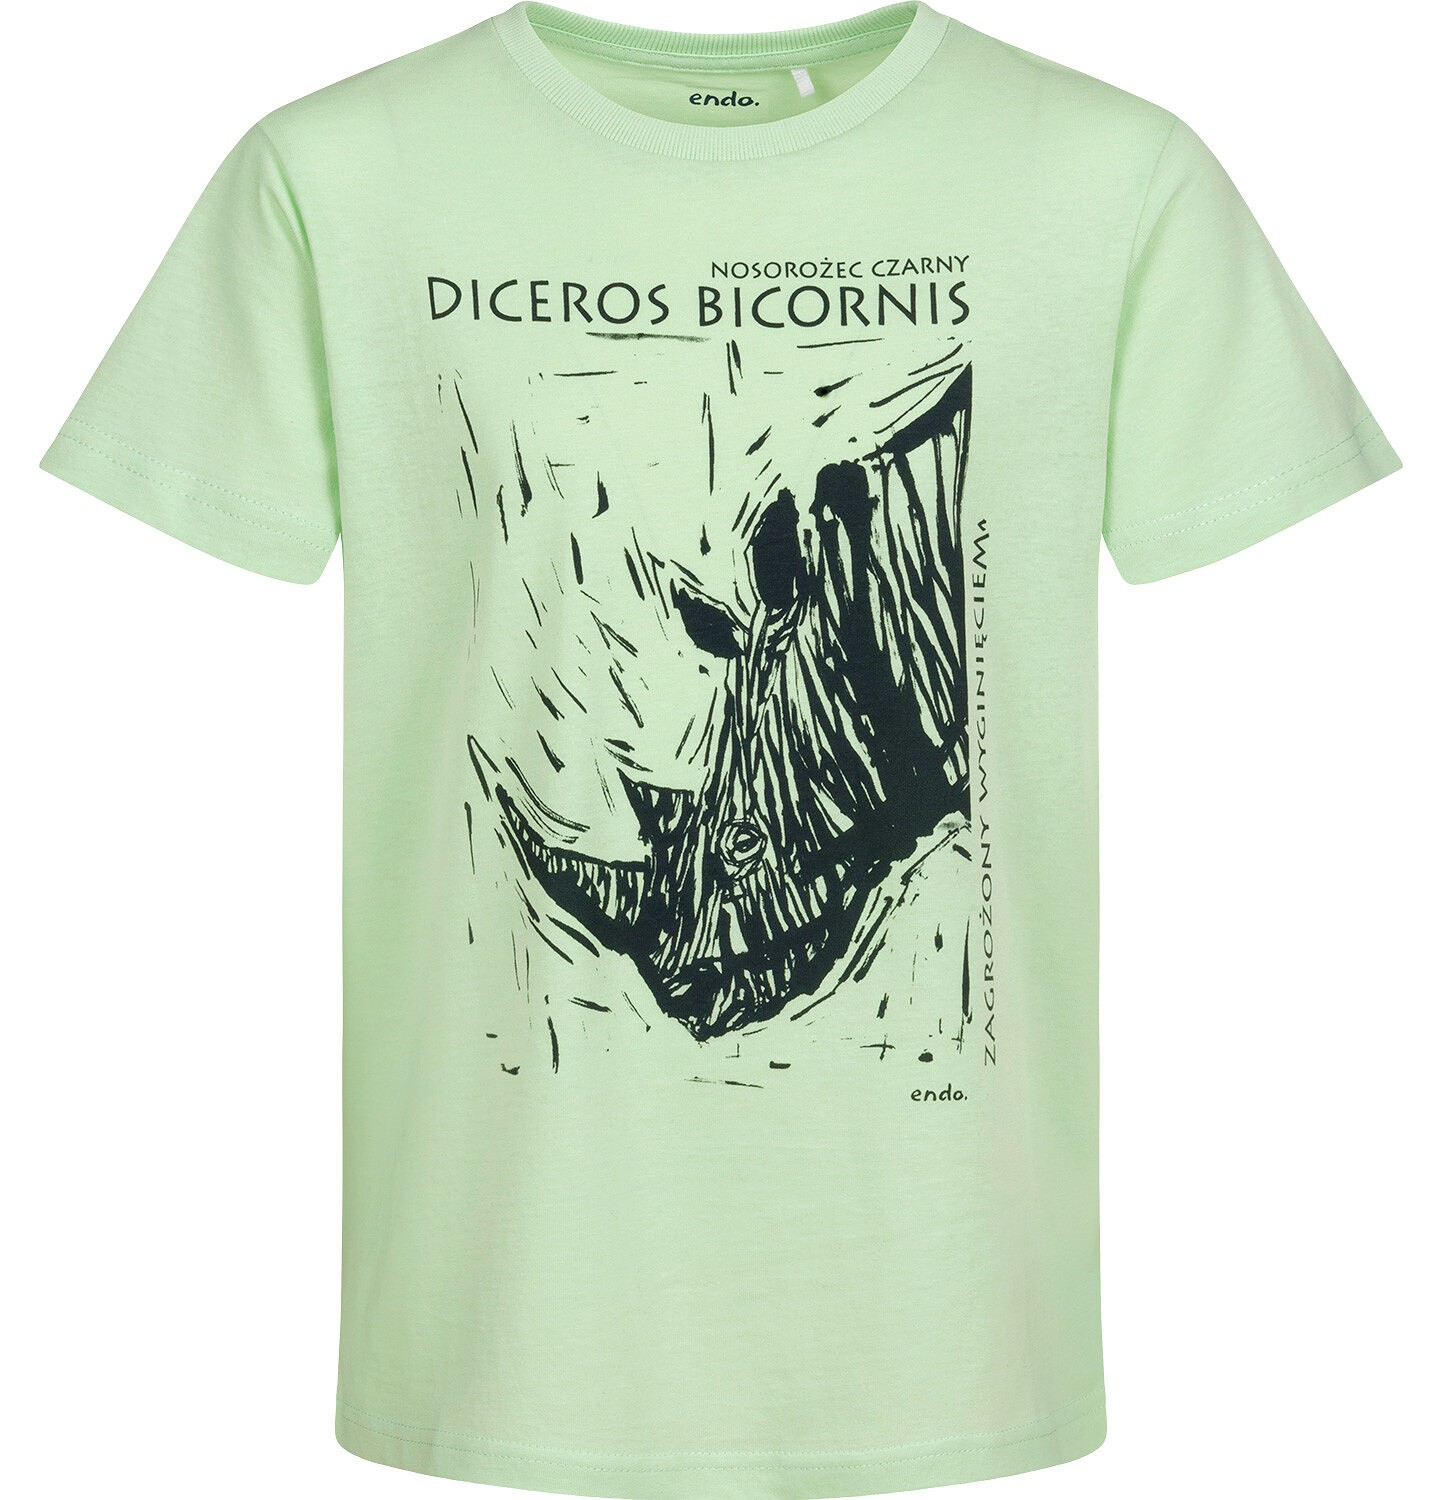 Endo - T-shirt z krótkim rękawem dla chłopca, z nosorożcem, zielony, 9-13 lat C05G042_2